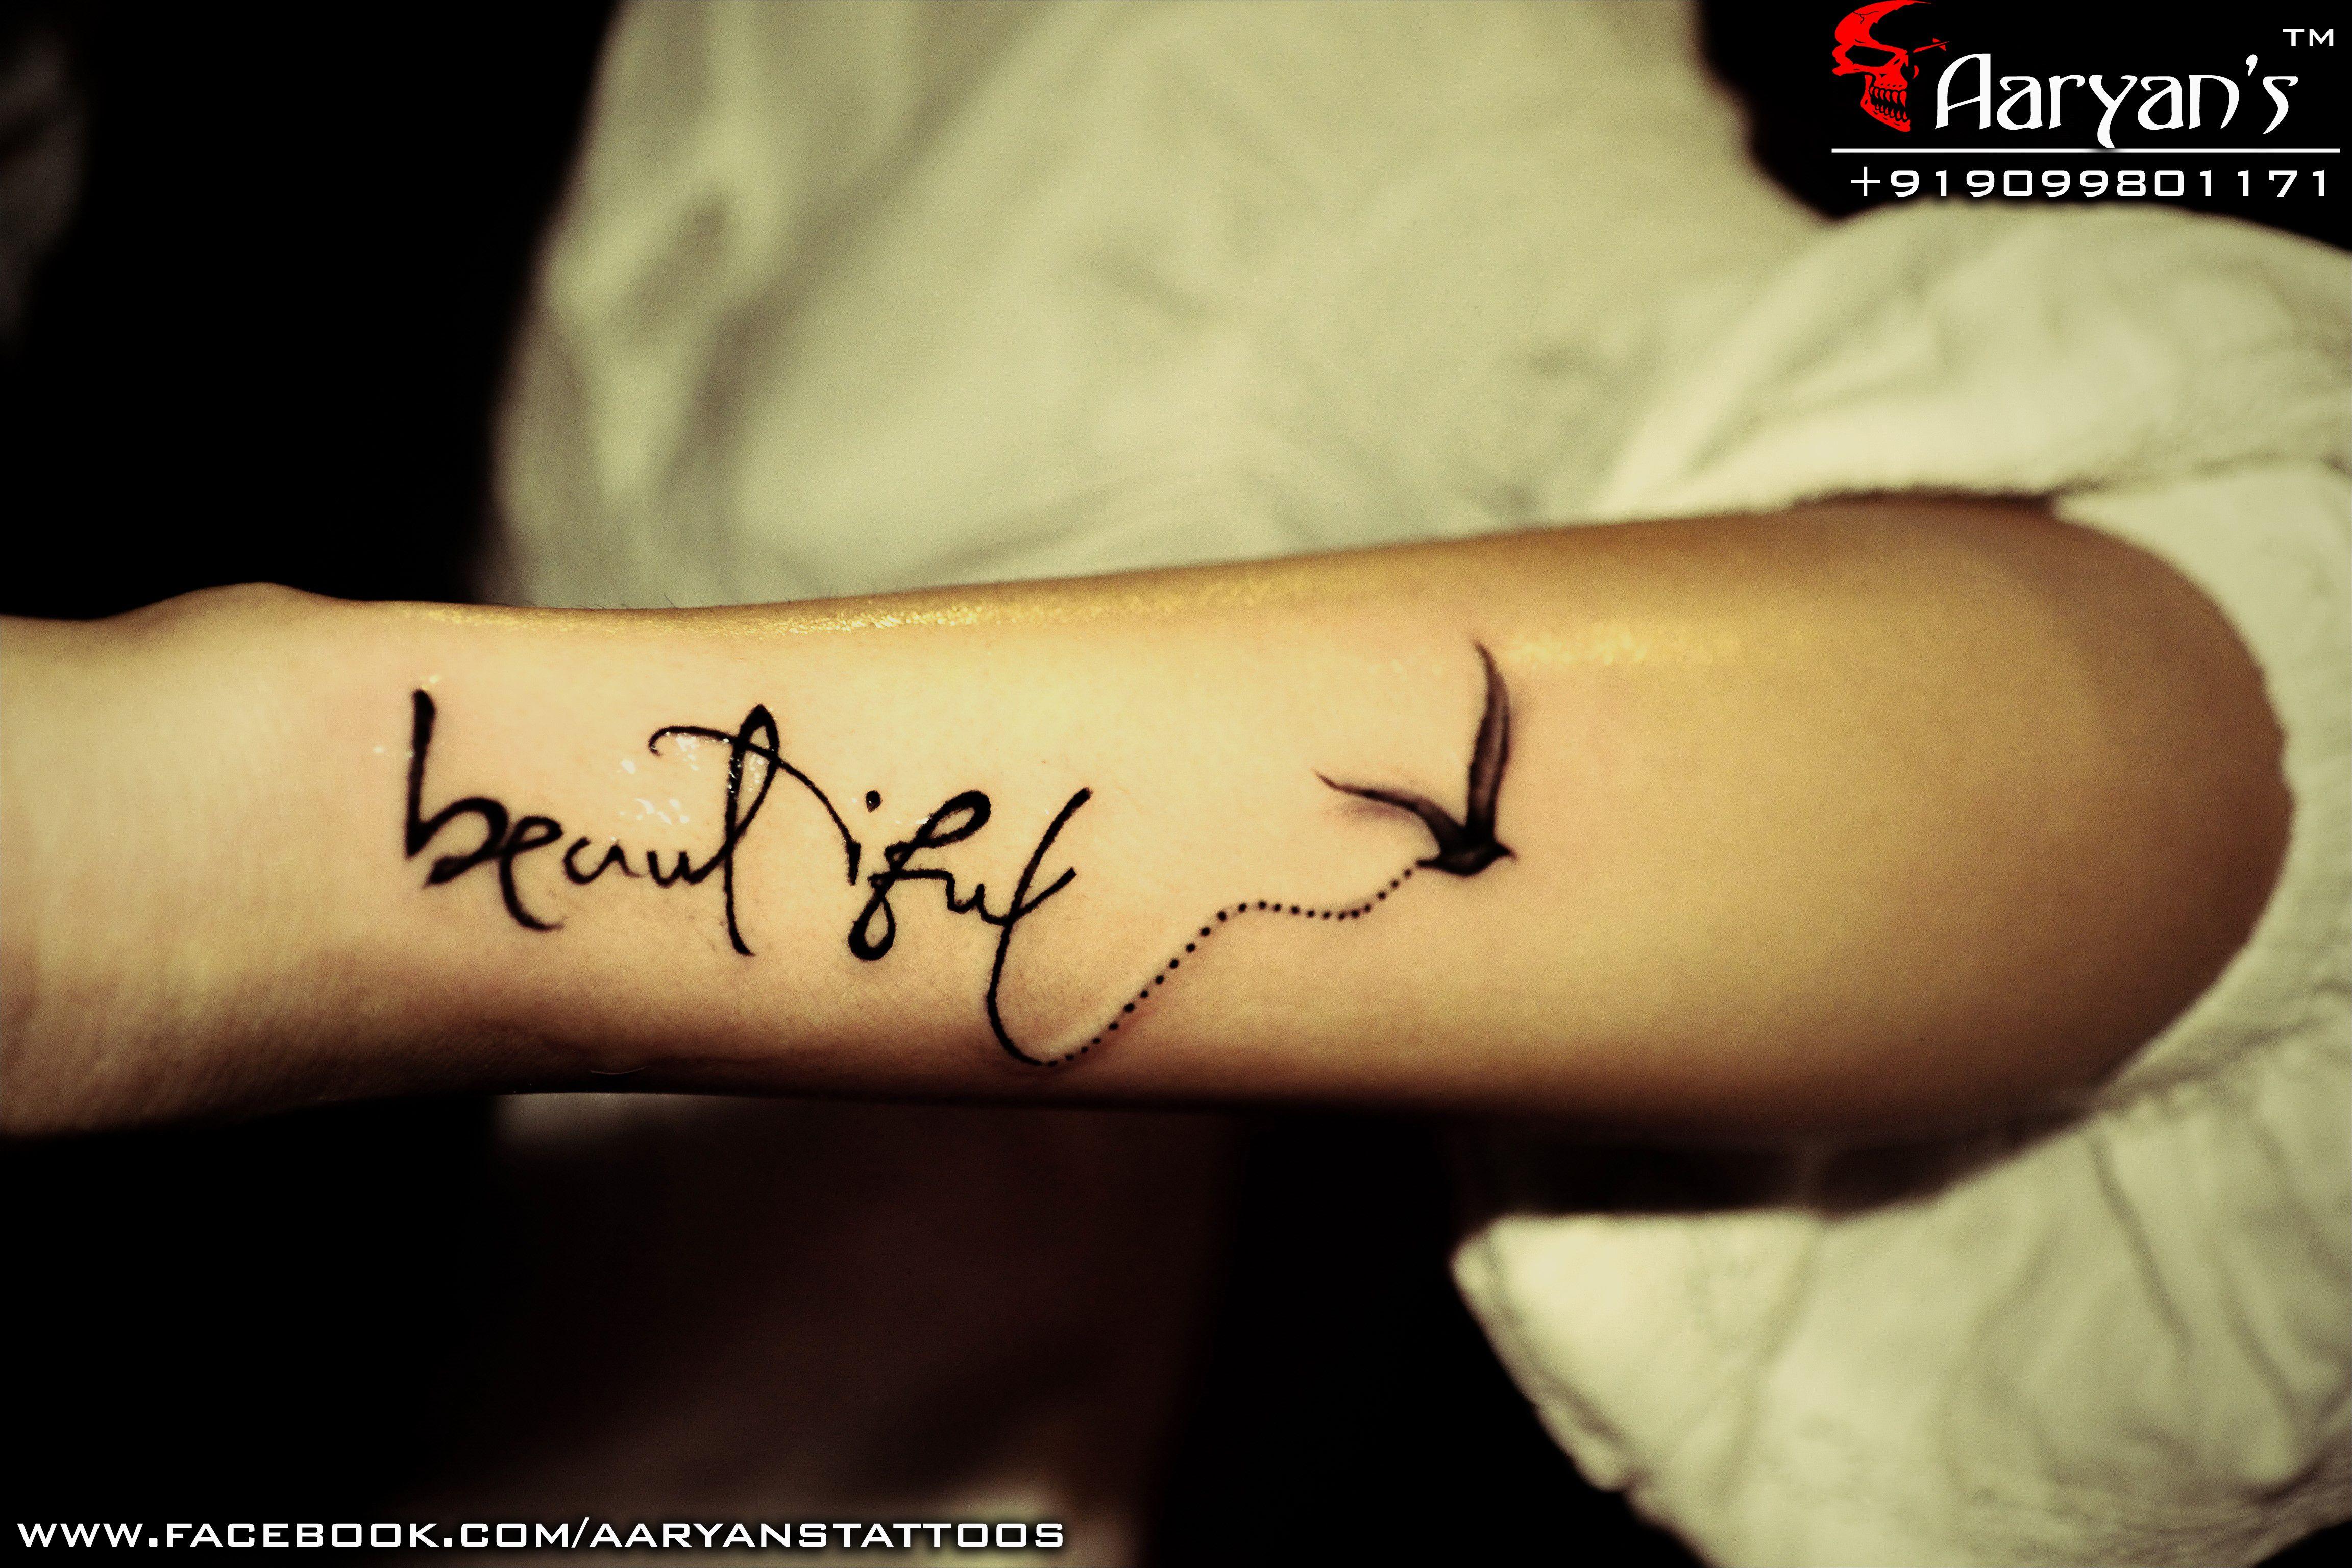 Beautiful Tattoo by Aaryan Tattooist, Worth Sharing, pin